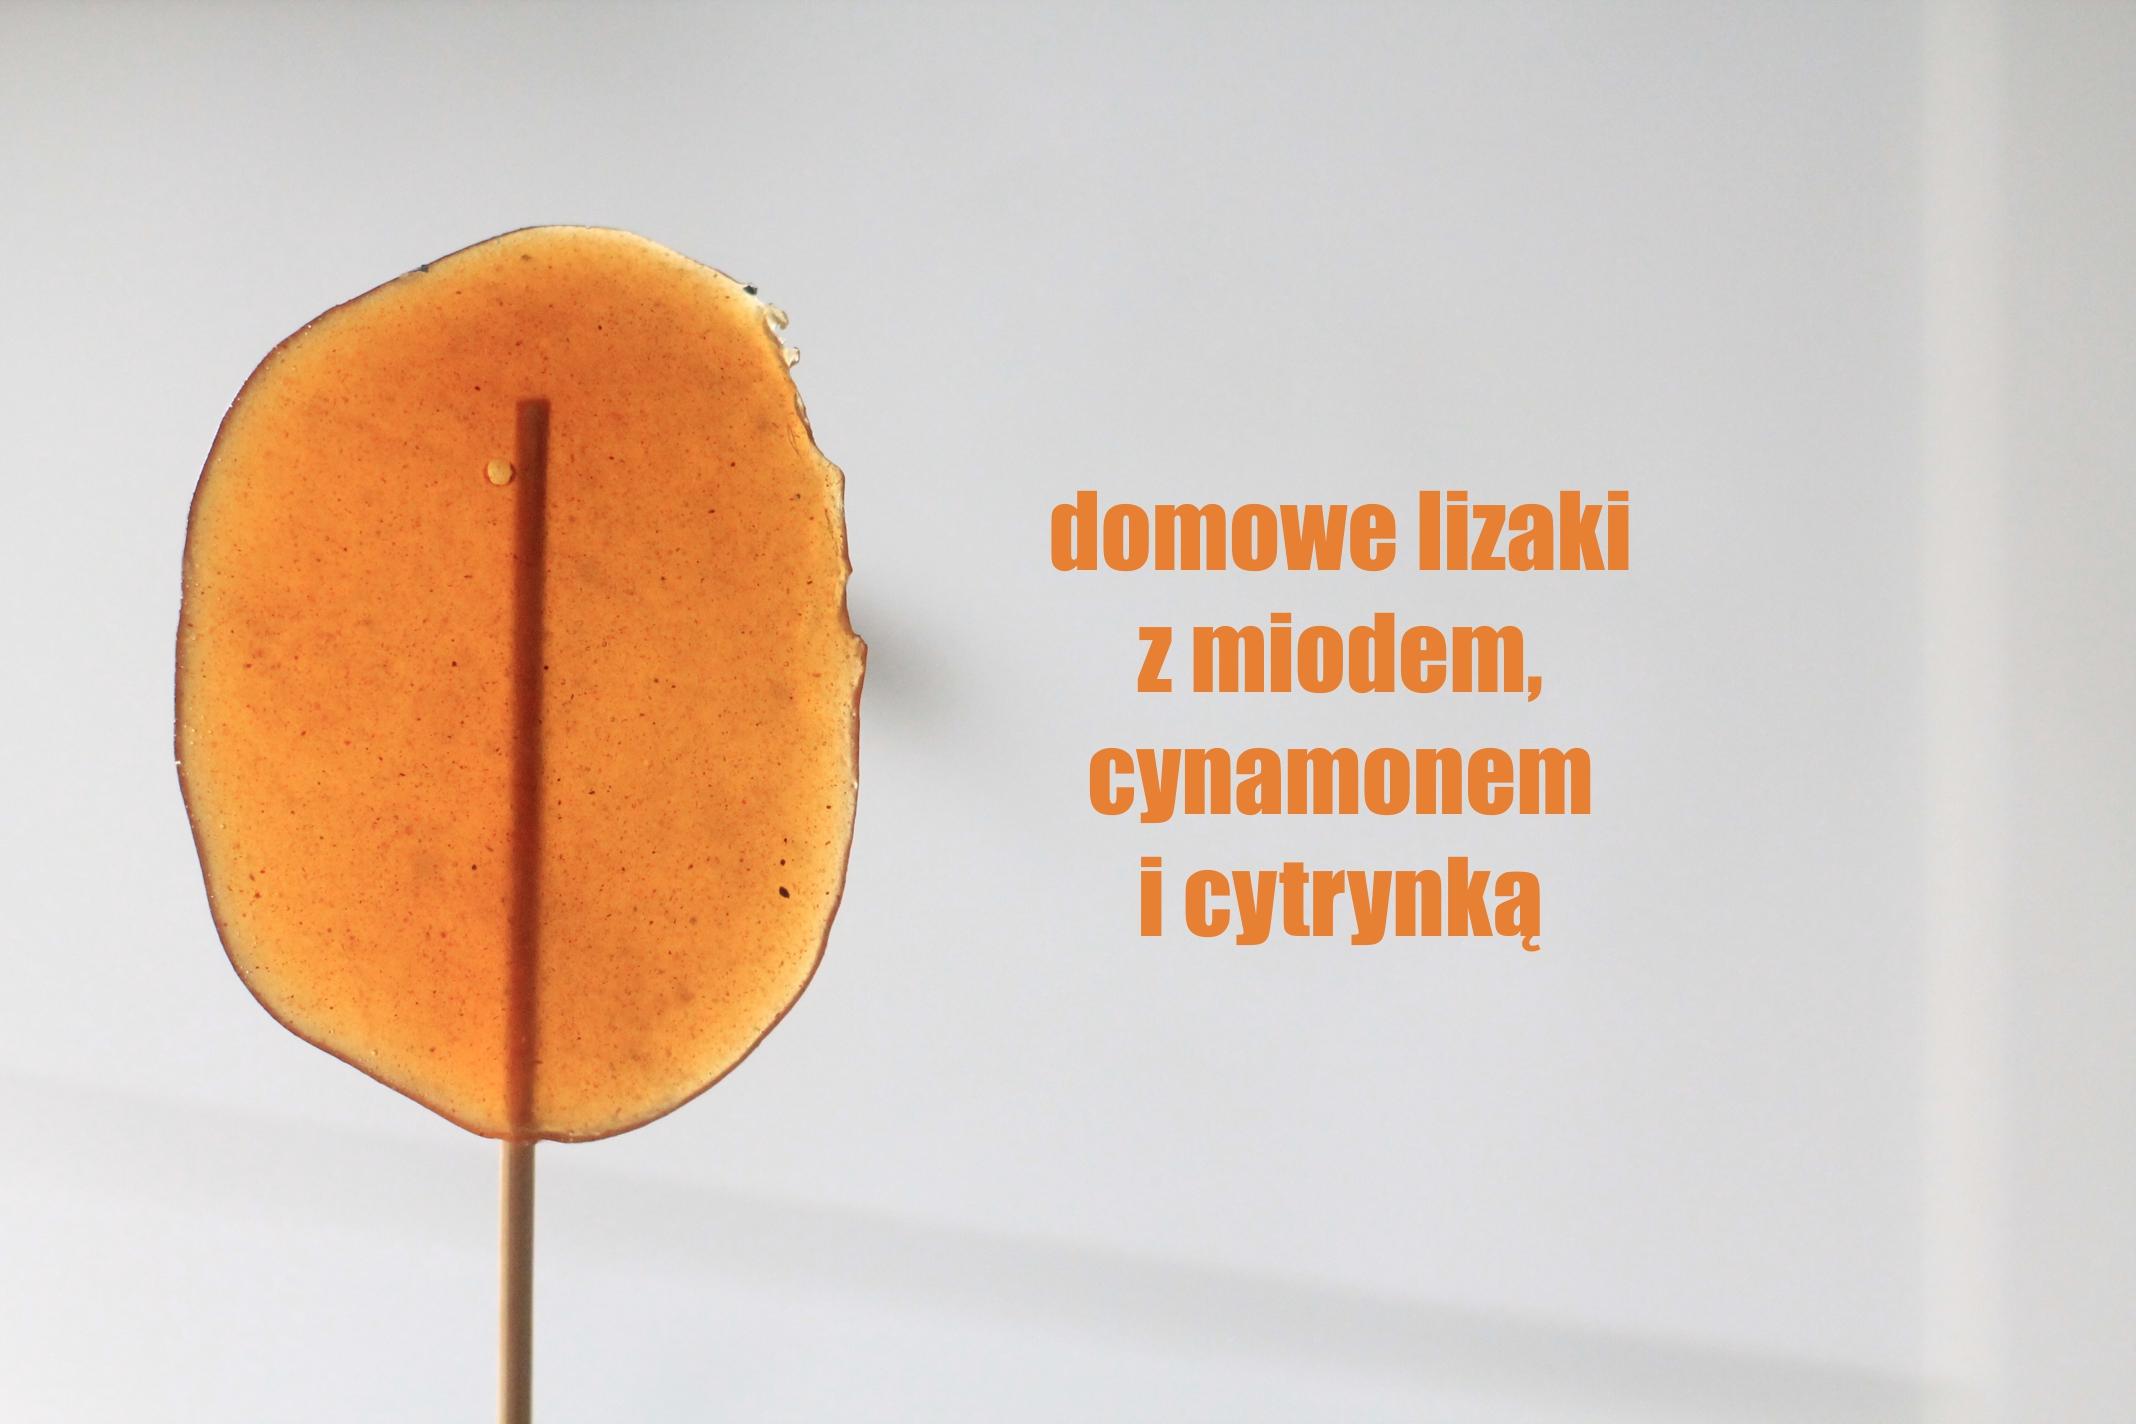 lizaki